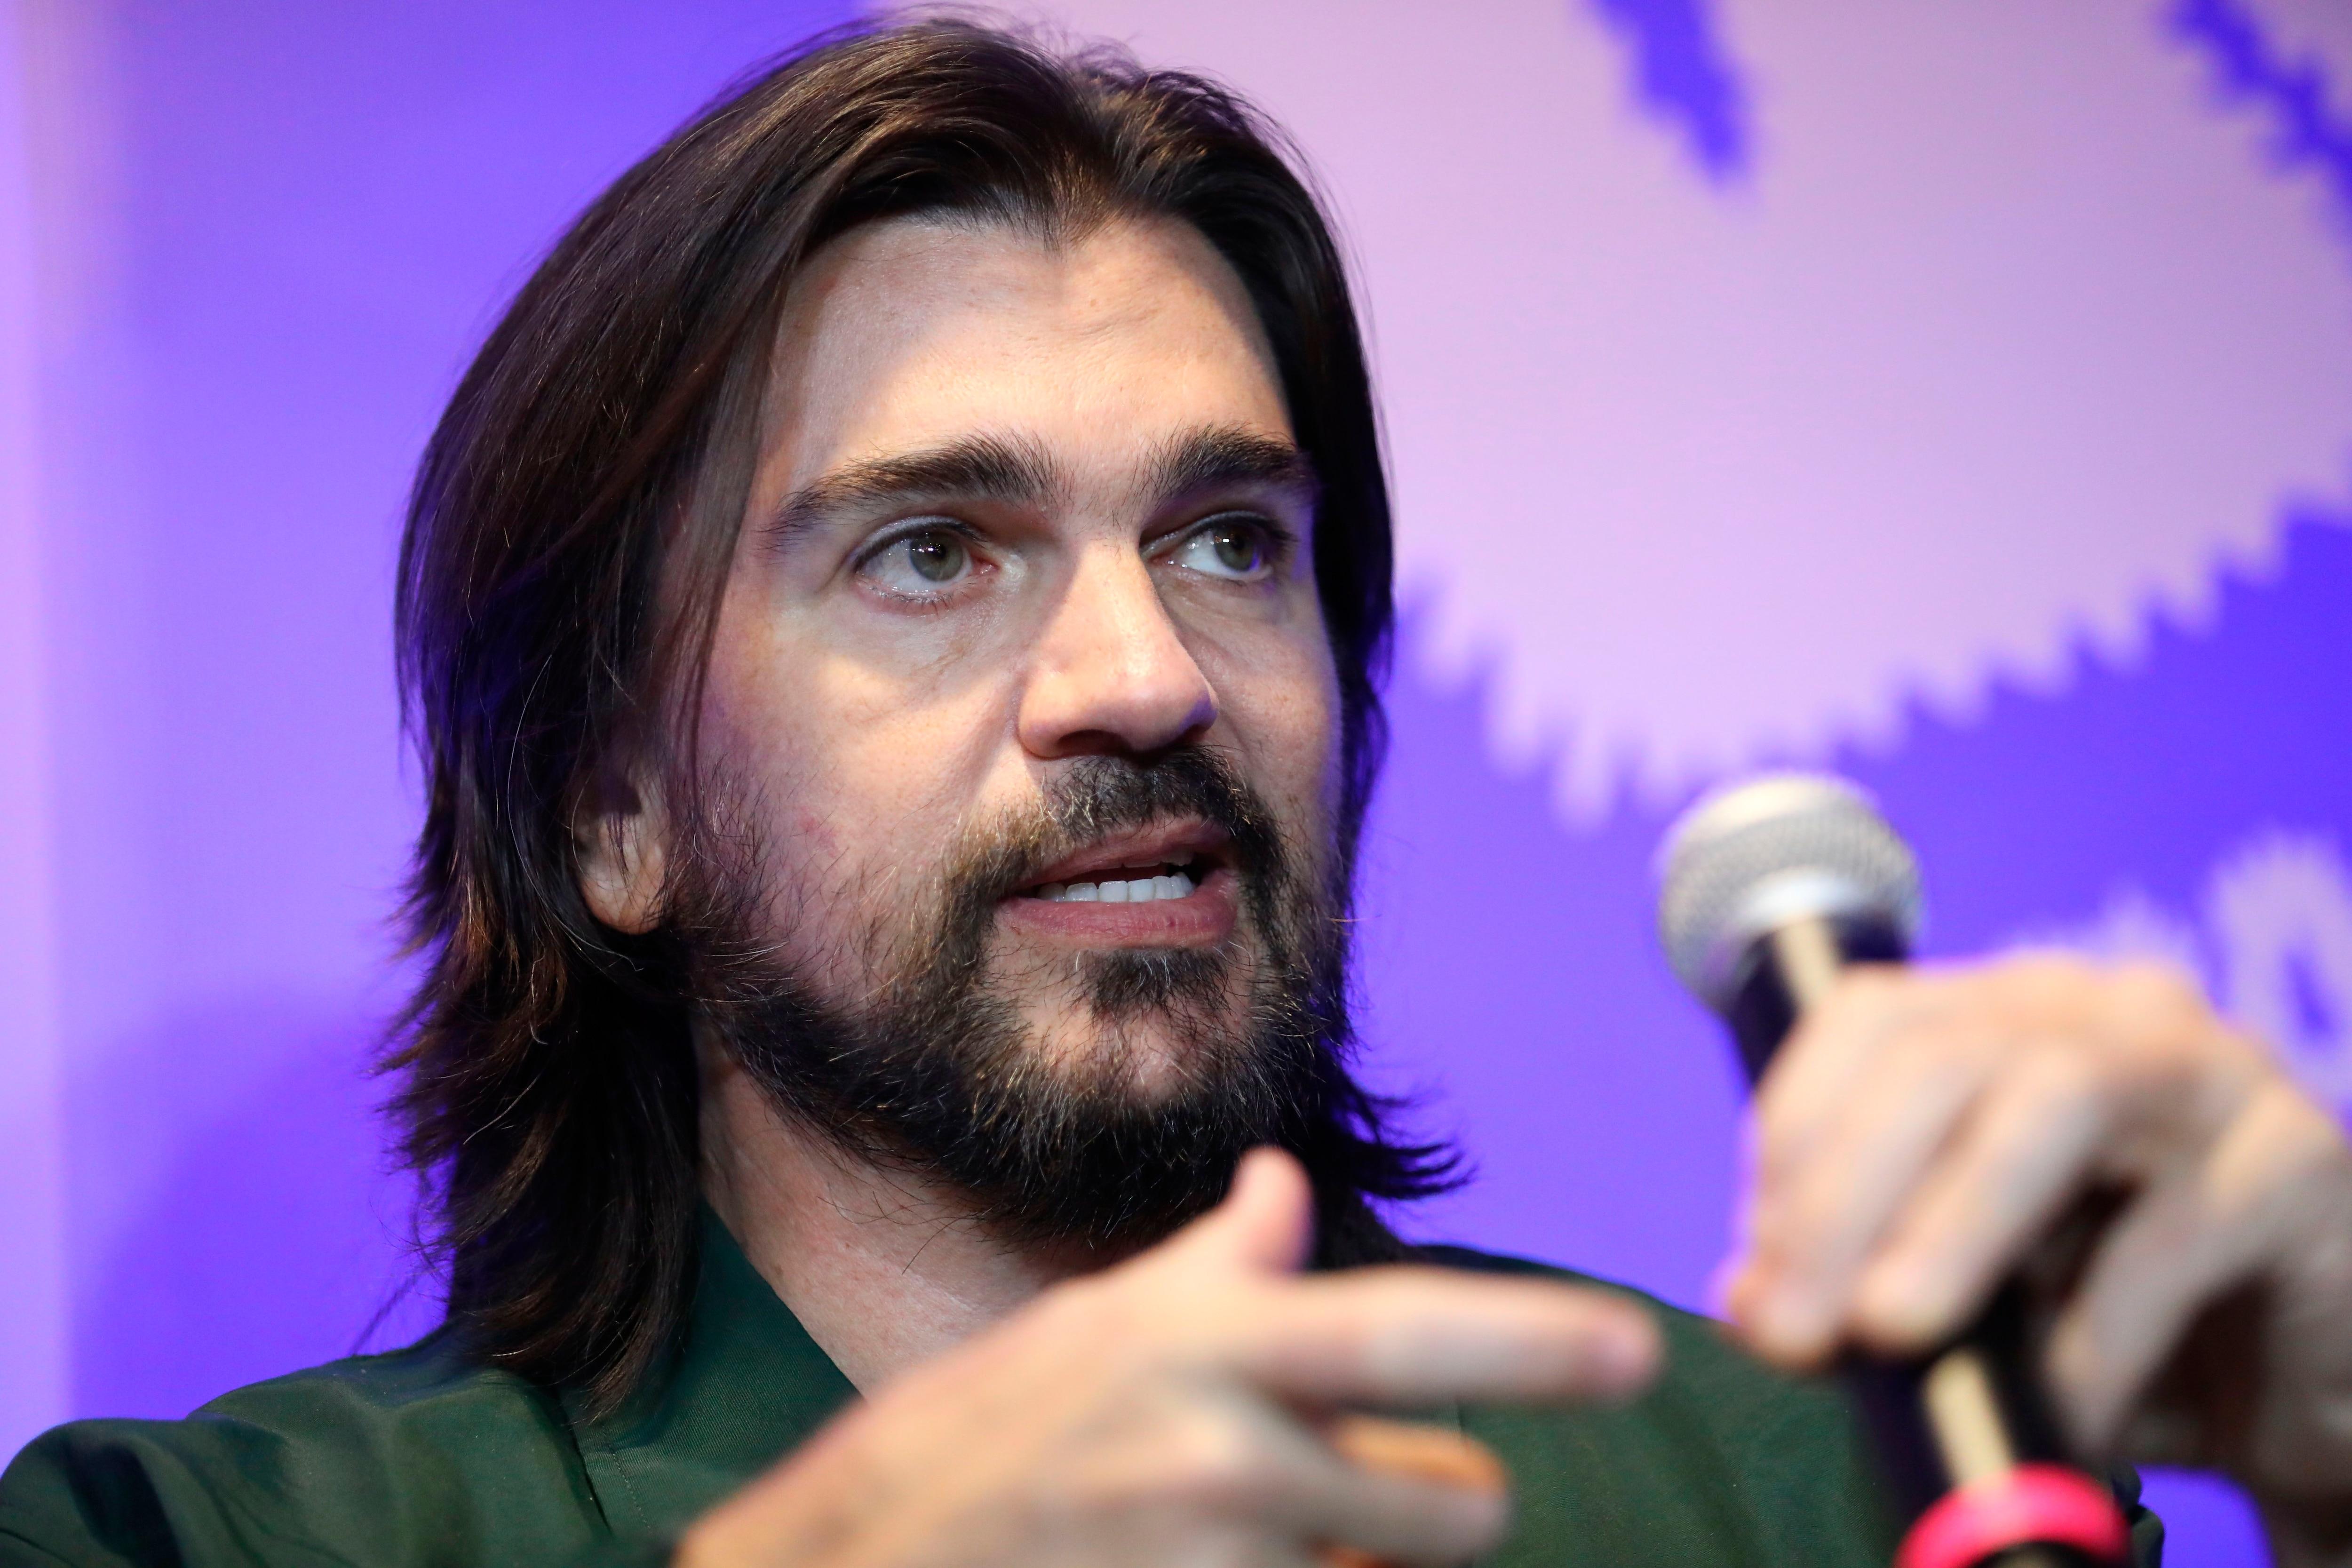 El cantante paisa y ganador de dos premios Grammy: Juanes / (EFE / Carlos Ortega).